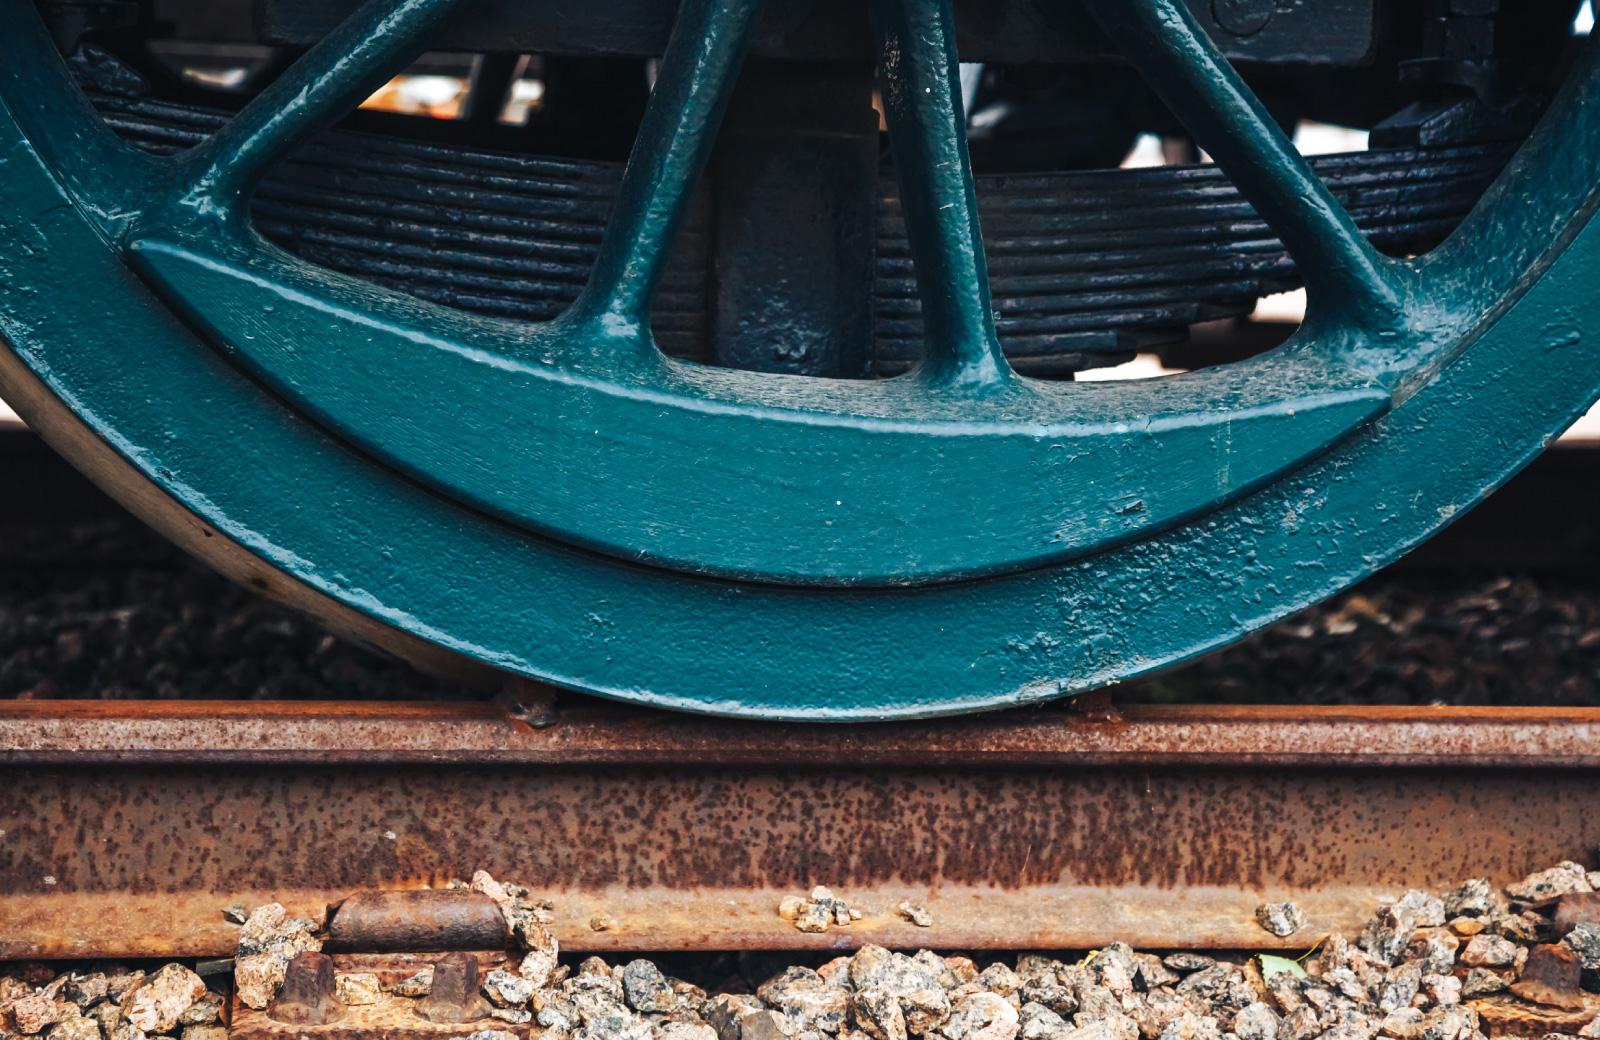 wheel on a train